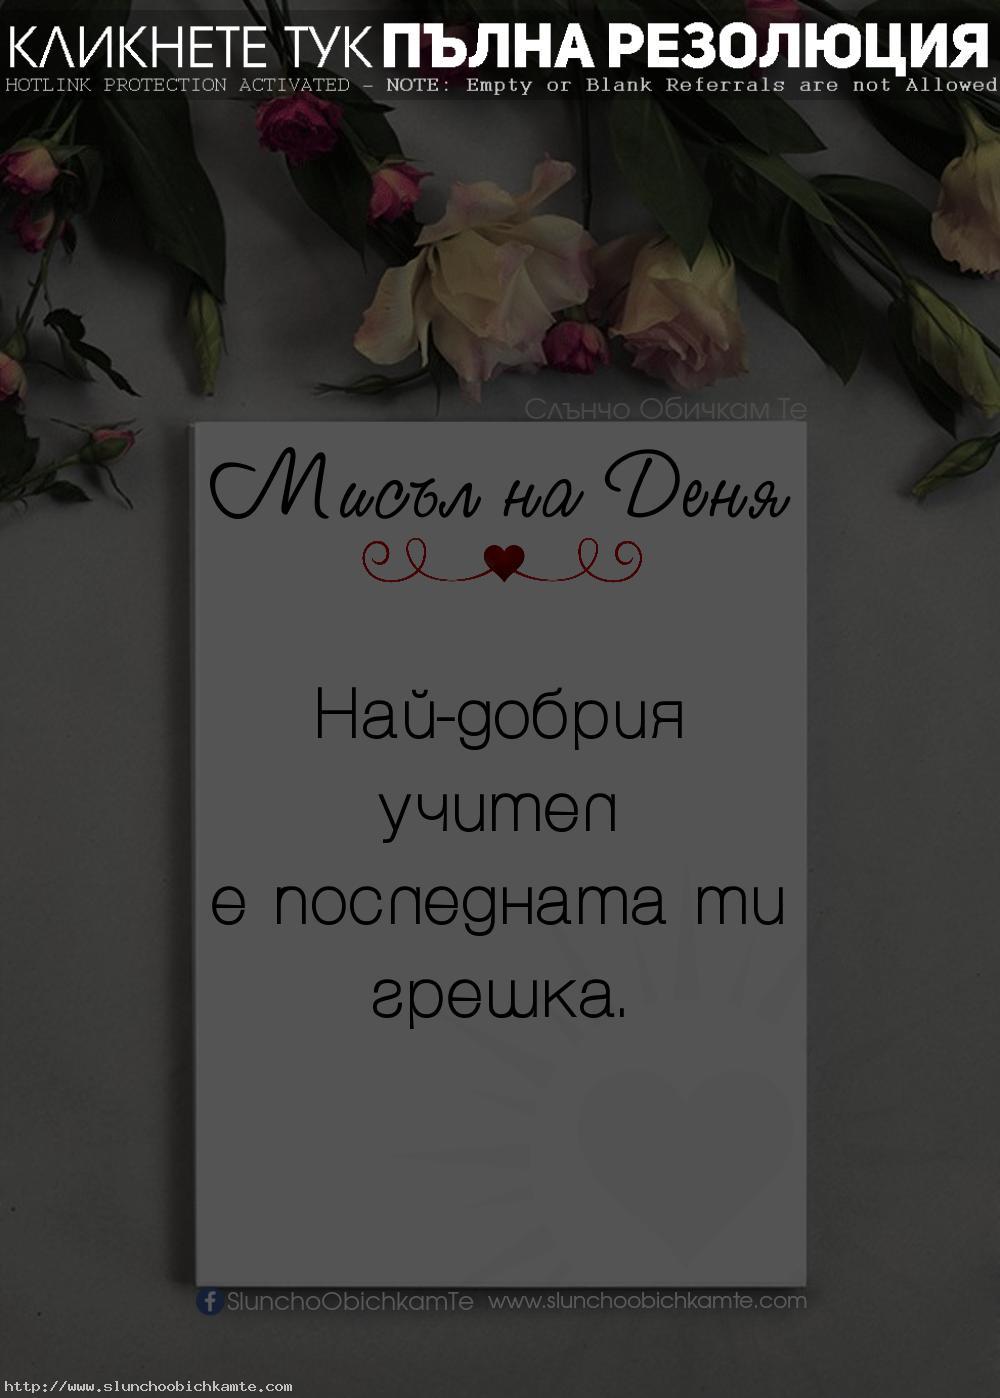 Най-добрият учител е последната ти грешка - Мисъл на Деня, мъдри мисли за всеки ден и всеки случай, любовни мисли, любовни фрази, любовни статуси, любовни цитати